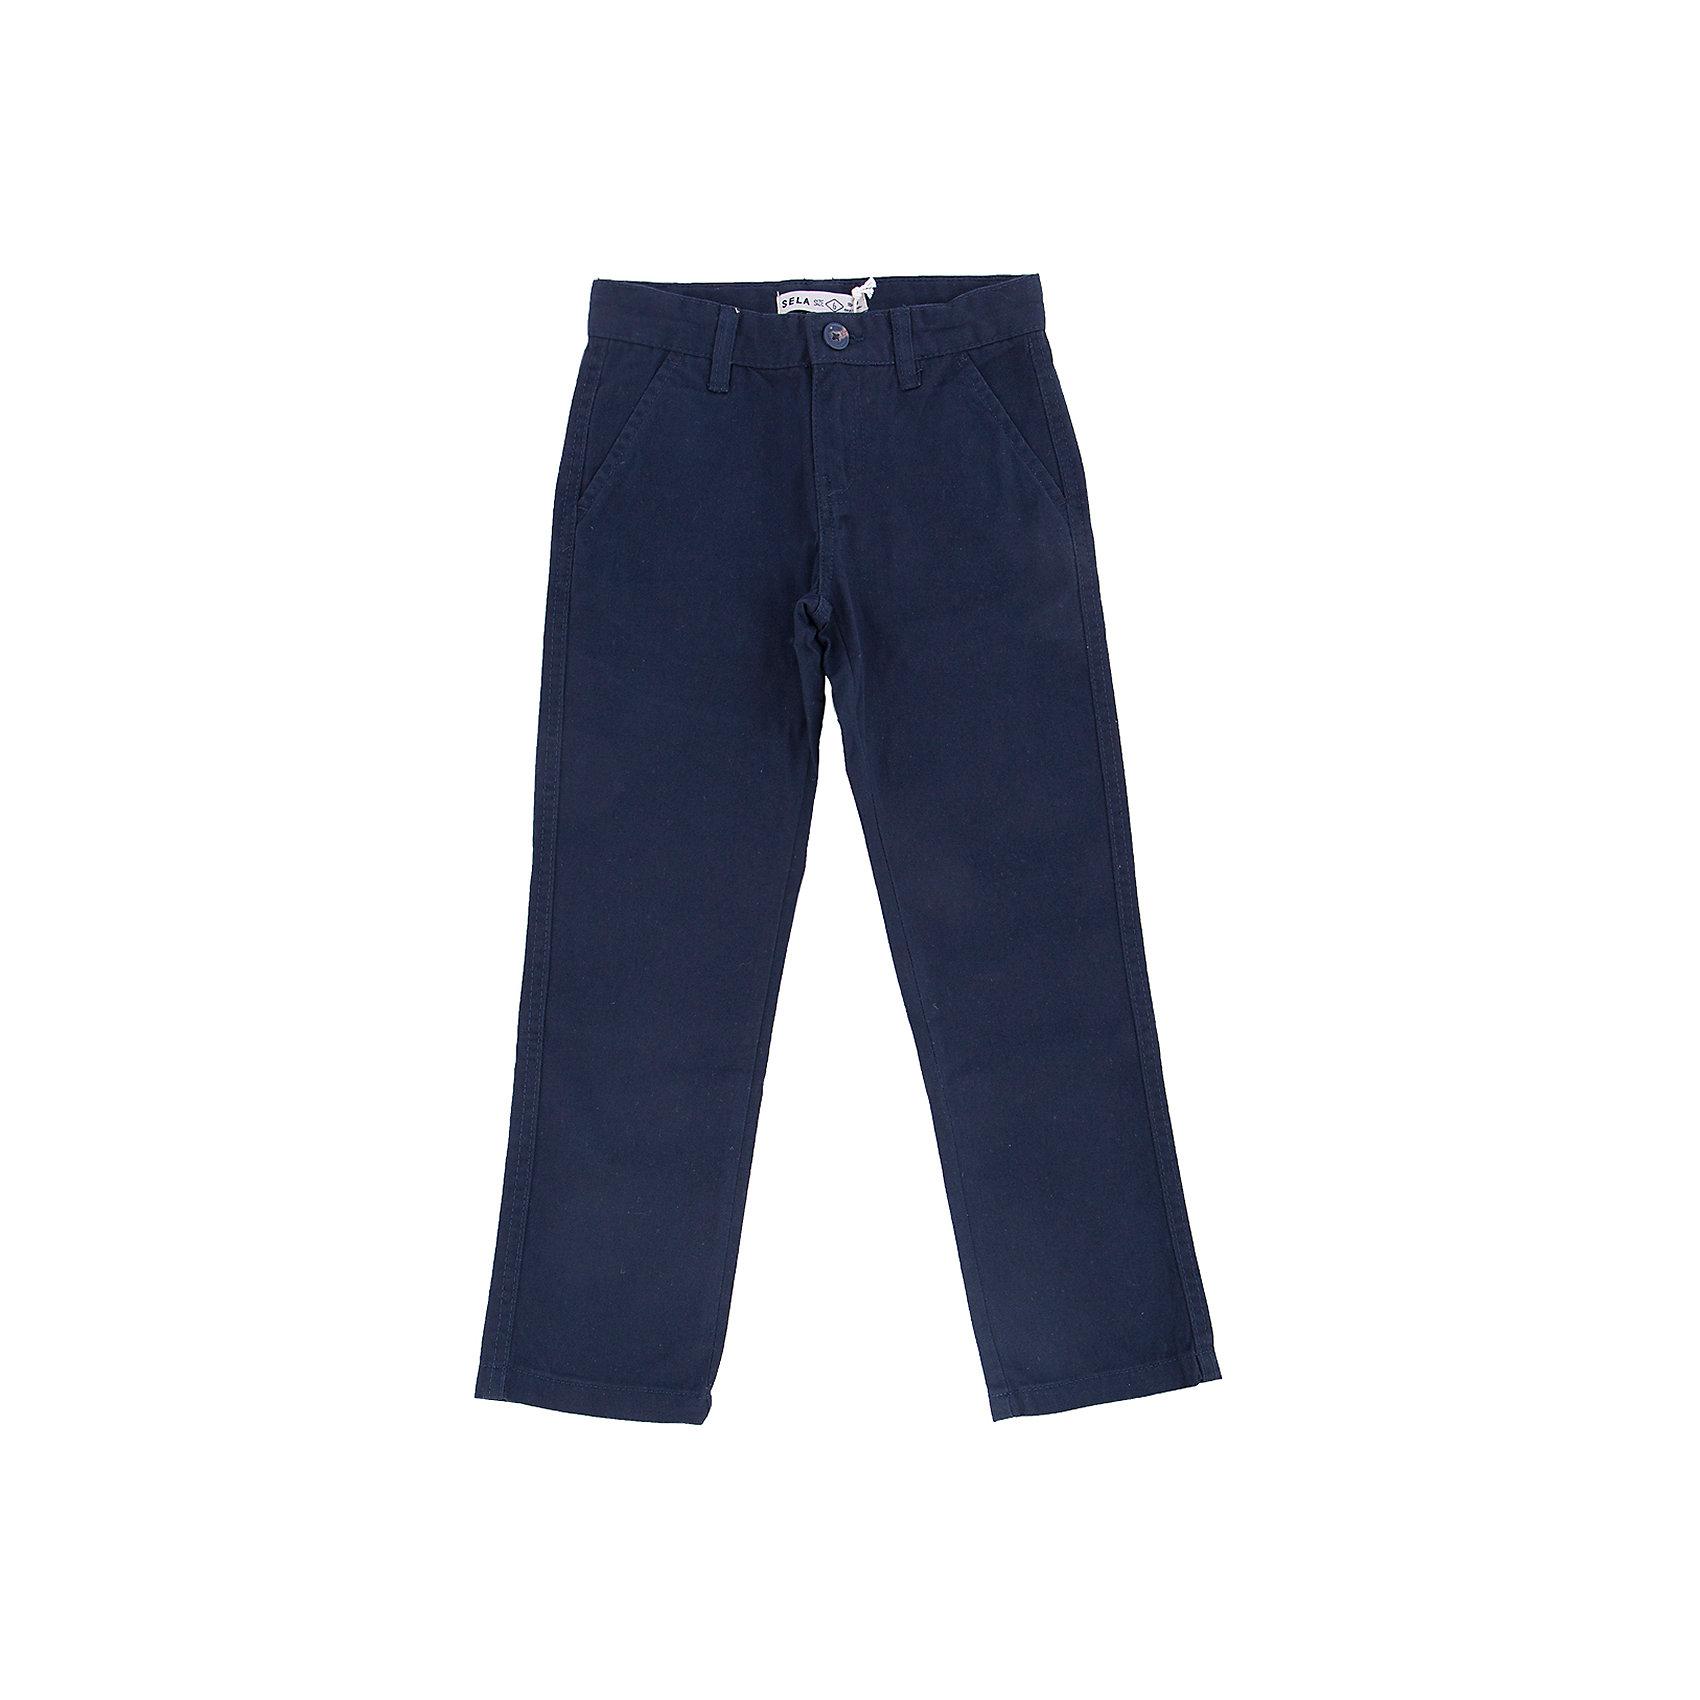 Брюки для мальчика SELAБрюки<br>Классические брюки - незаменимая вещь в детском гардеробе. Эта модель отлично сидит на ребенке, она сшита из плотного материала, натуральный хлопок не вызывает аллергии и обеспечивает ребенку комфорт. Модель станет отличной базовой вещью, которая будет уместна в различных сочетаниях.<br>Одежда от бренда Sela (Села) - это качество по приемлемым ценам. Многие российские родители уже оценили преимущества продукции этой компании и всё чаще приобретают одежду и аксессуары Sela.<br><br>Дополнительная информация:<br><br>прямой силуэт;<br>материал: 100% хлопок;<br>плотный материал.<br><br>Брюки для мальчика от бренда Sela можно купить в нашем интернет-магазине.<br><br>Ширина мм: 215<br>Глубина мм: 88<br>Высота мм: 191<br>Вес г: 336<br>Цвет: синий<br>Возраст от месяцев: 132<br>Возраст до месяцев: 144<br>Пол: Мужской<br>Возраст: Детский<br>Размер: 152,116,122,128,134,140,146<br>SKU: 4883584